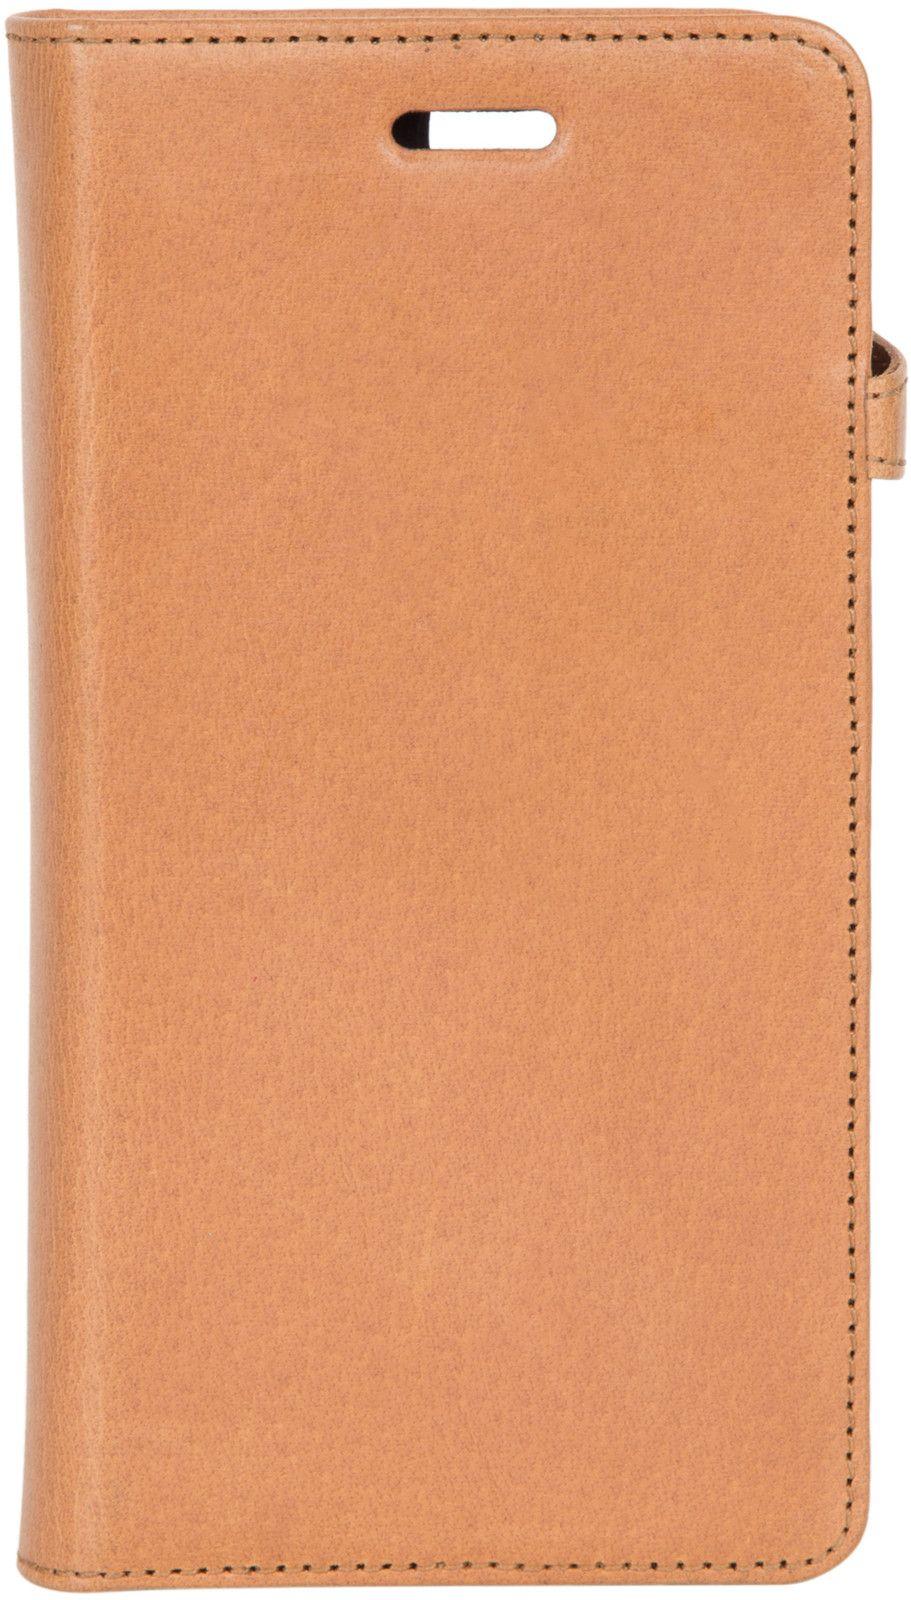 Gear Buffalo Wallet (iPhone X/Xs) - Ljusbrun